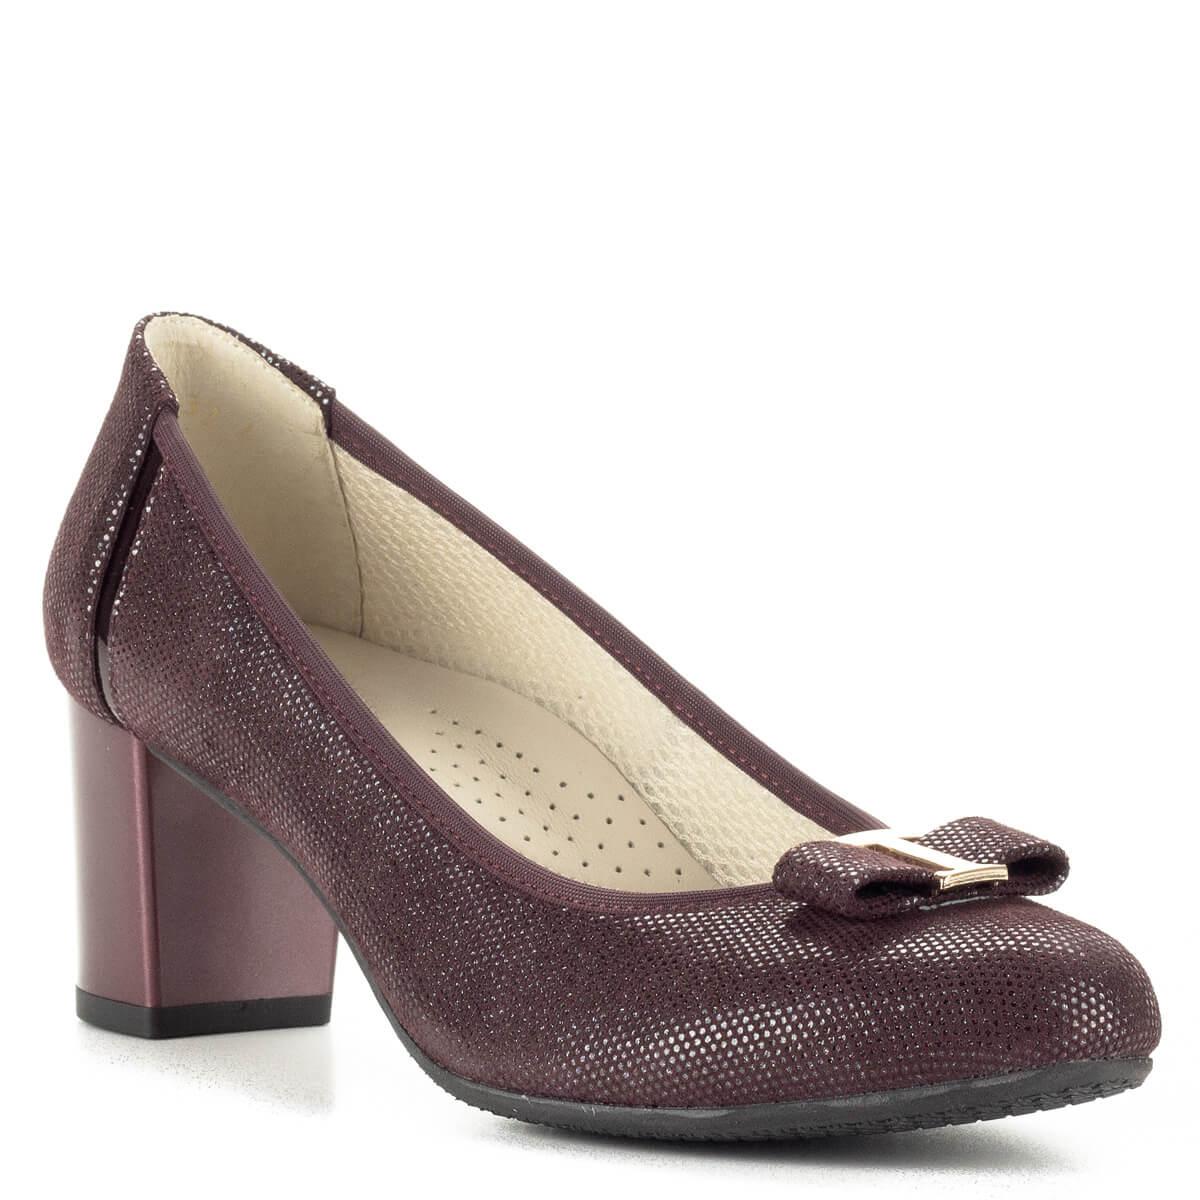 Sarka 6 cm magas  Anis bordó mintás magassarkú cipő bőr felsőrésszel 6fde24e5e7